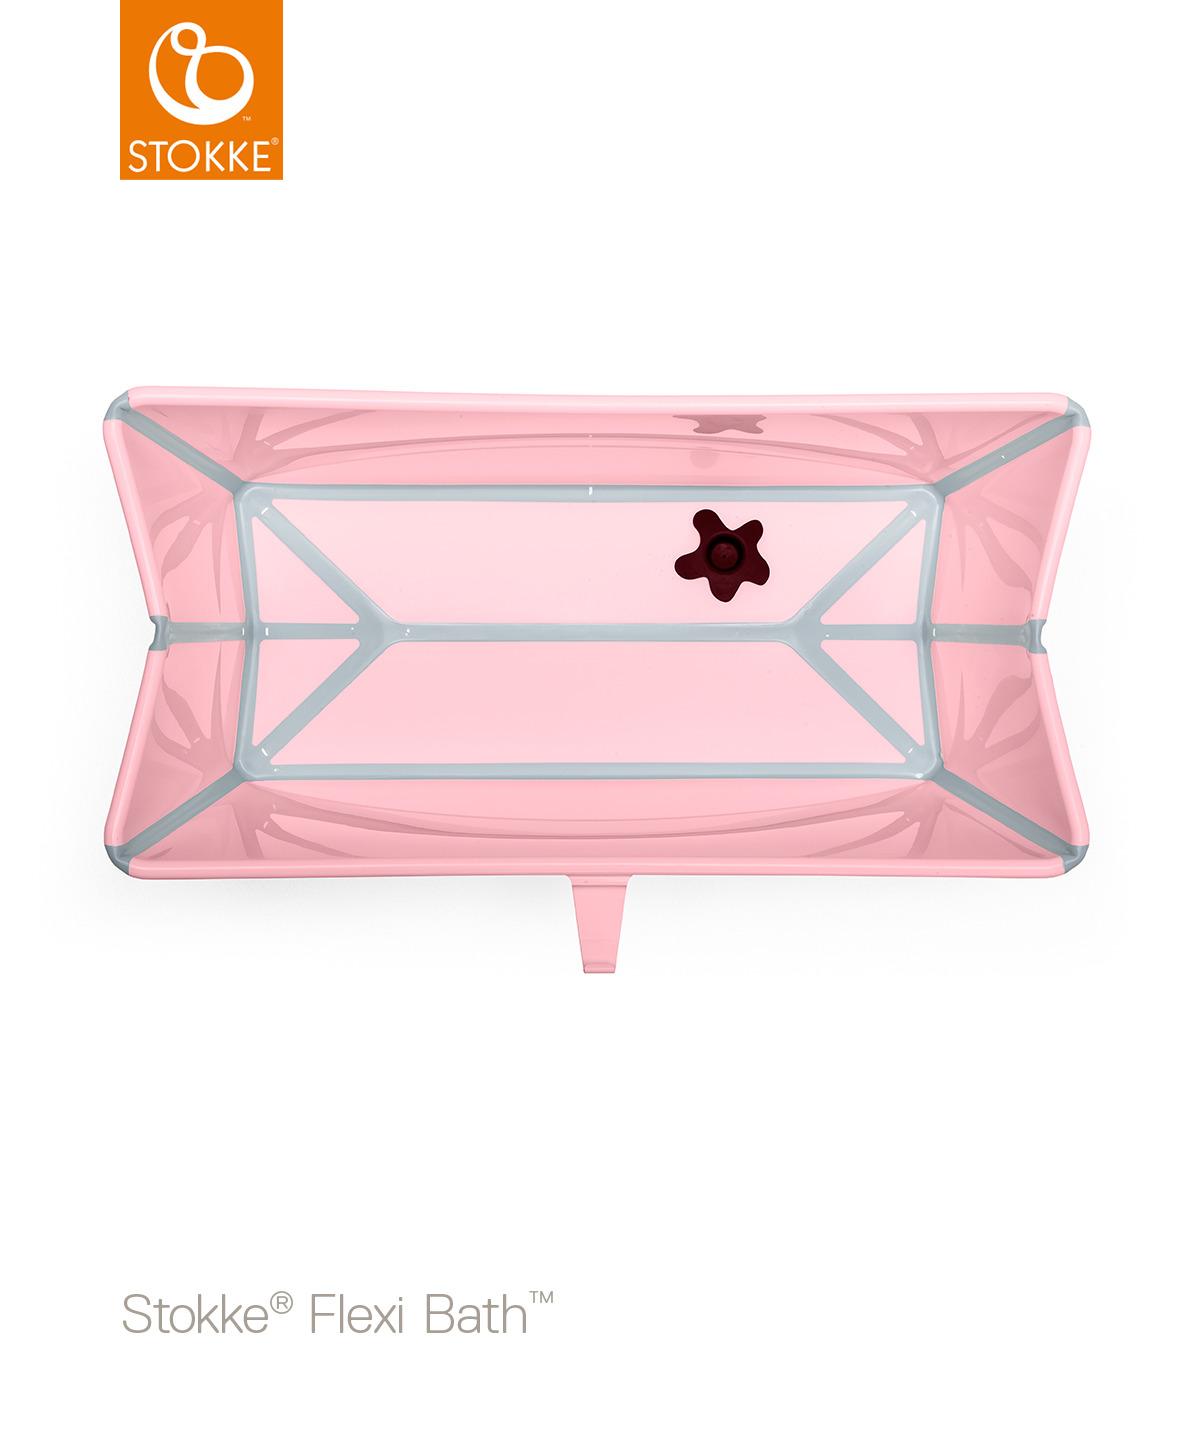 STOKKE Cestovní skládací vanička Pink